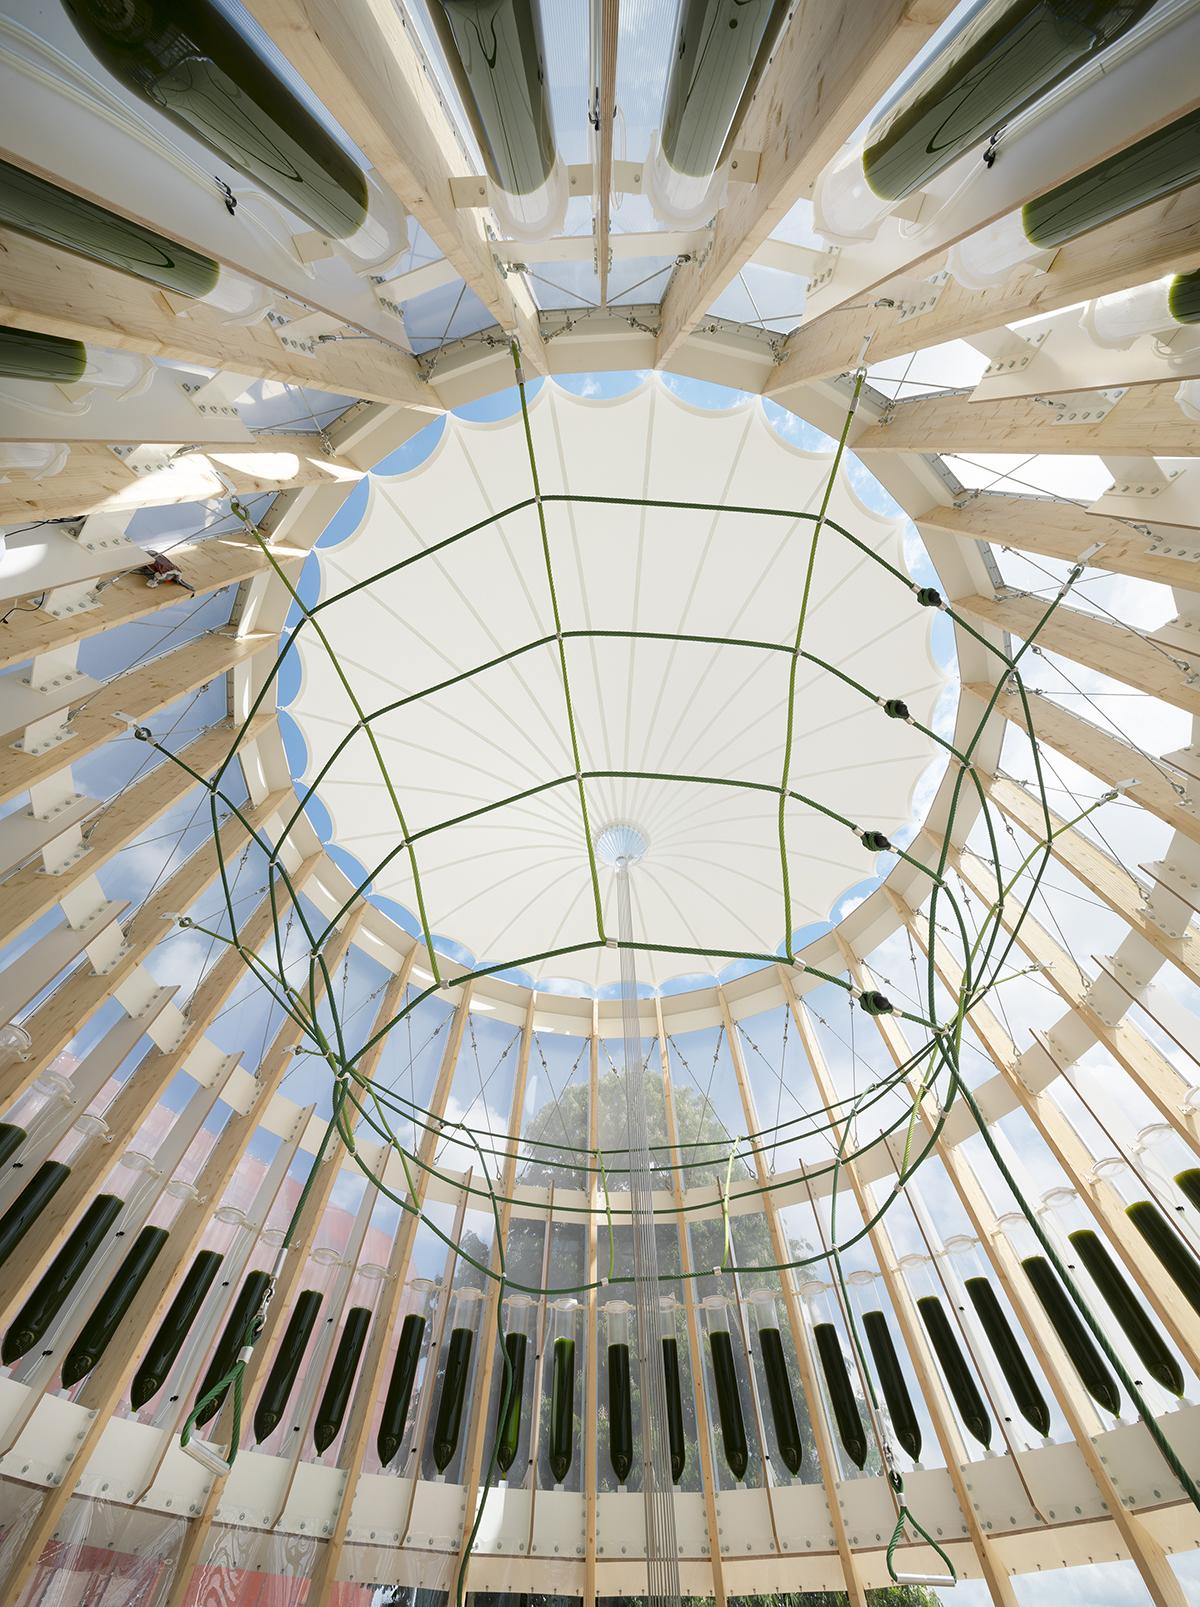 Airbubble - foto credits: ecoLogicStudio